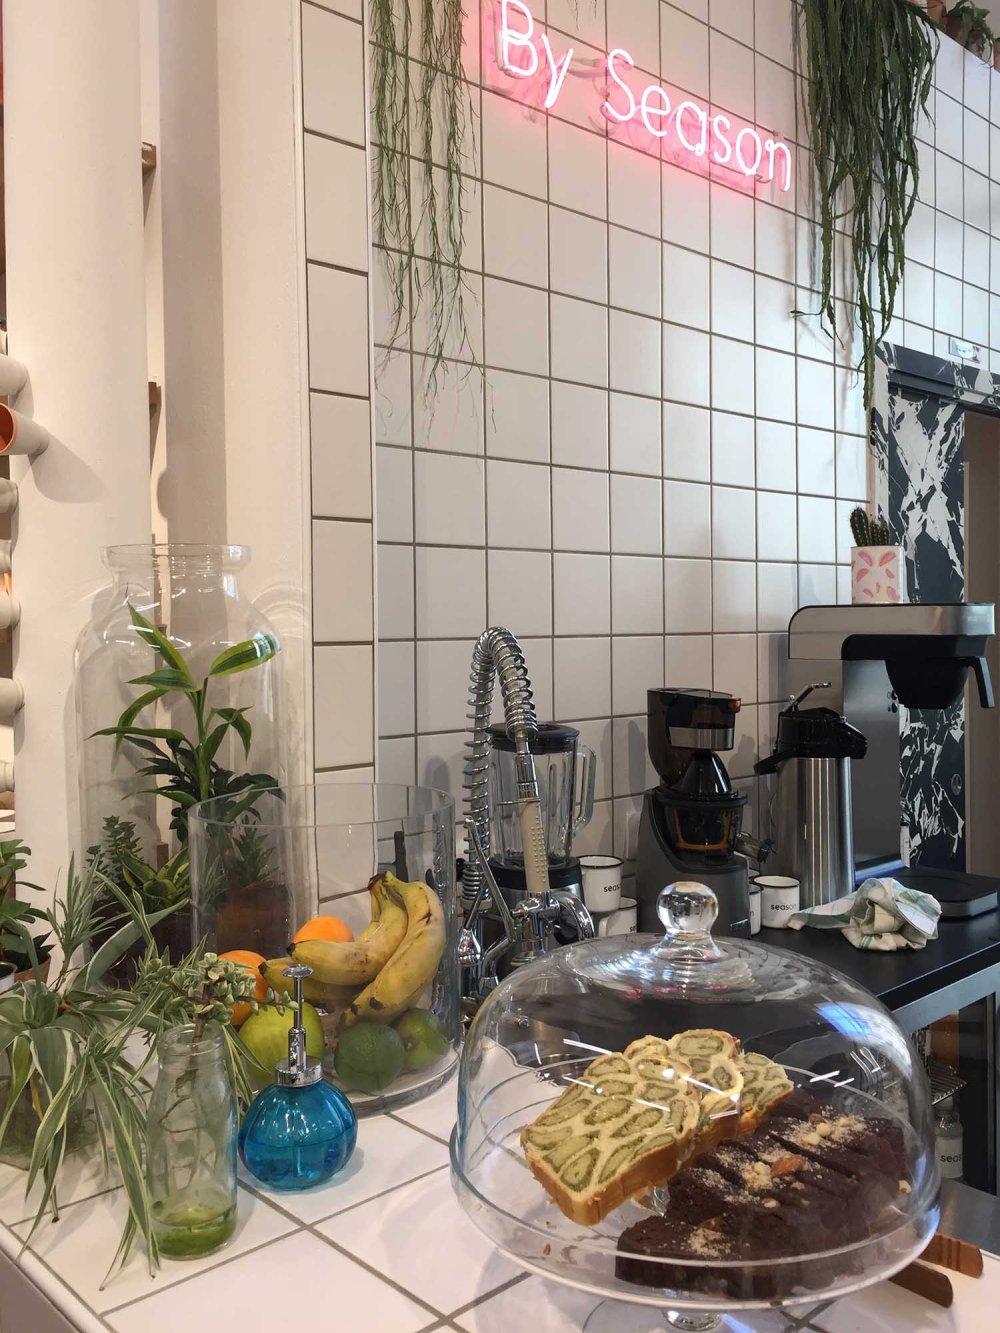 empreintes-cafe-season